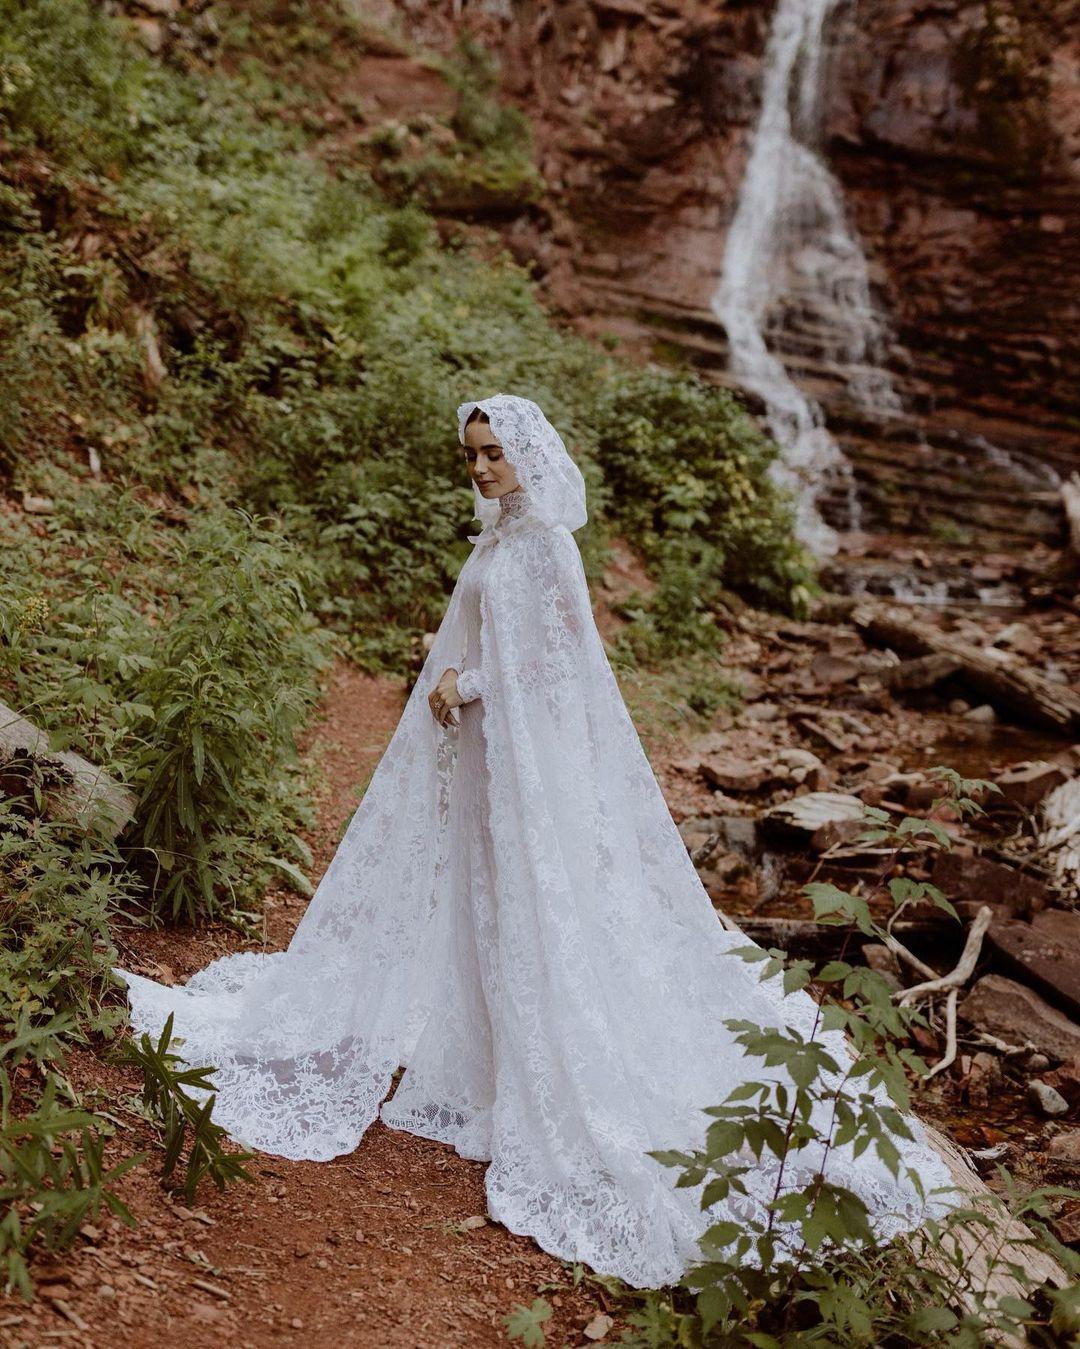 Nữ diễn viên xinh đẹp trong ngày cưới.